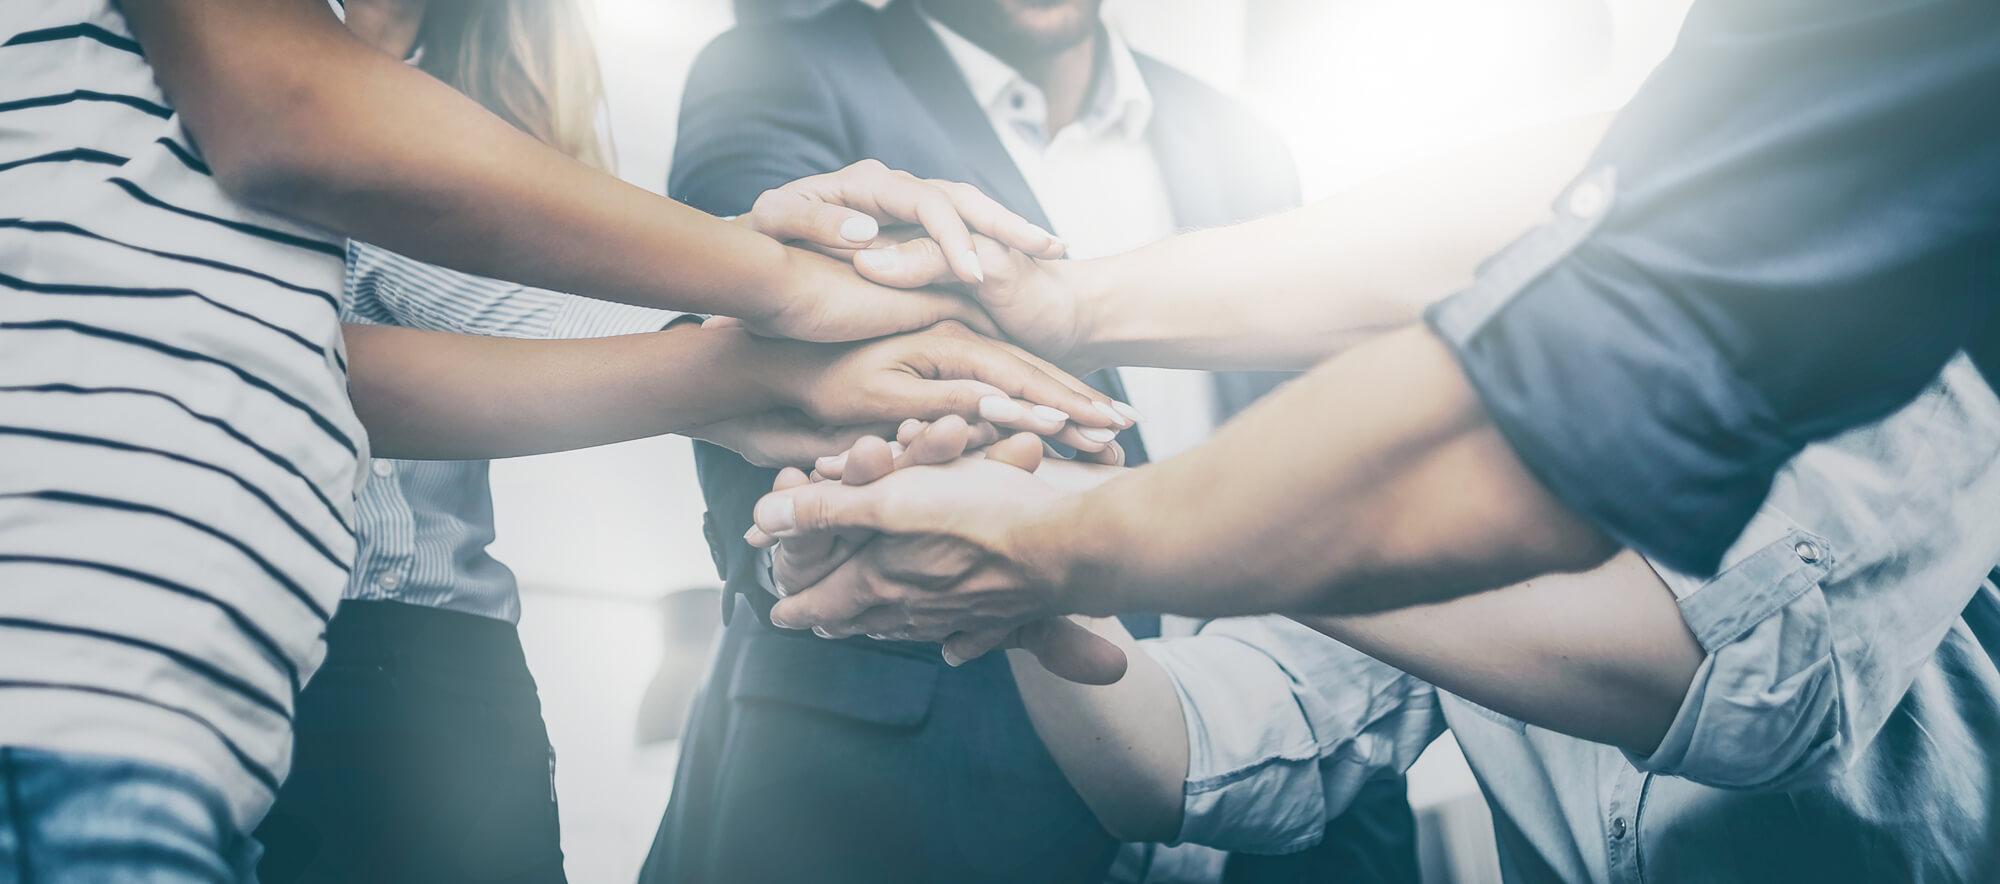 Mitarbeiter mit Teamgeist Leistungen für Unternehmen